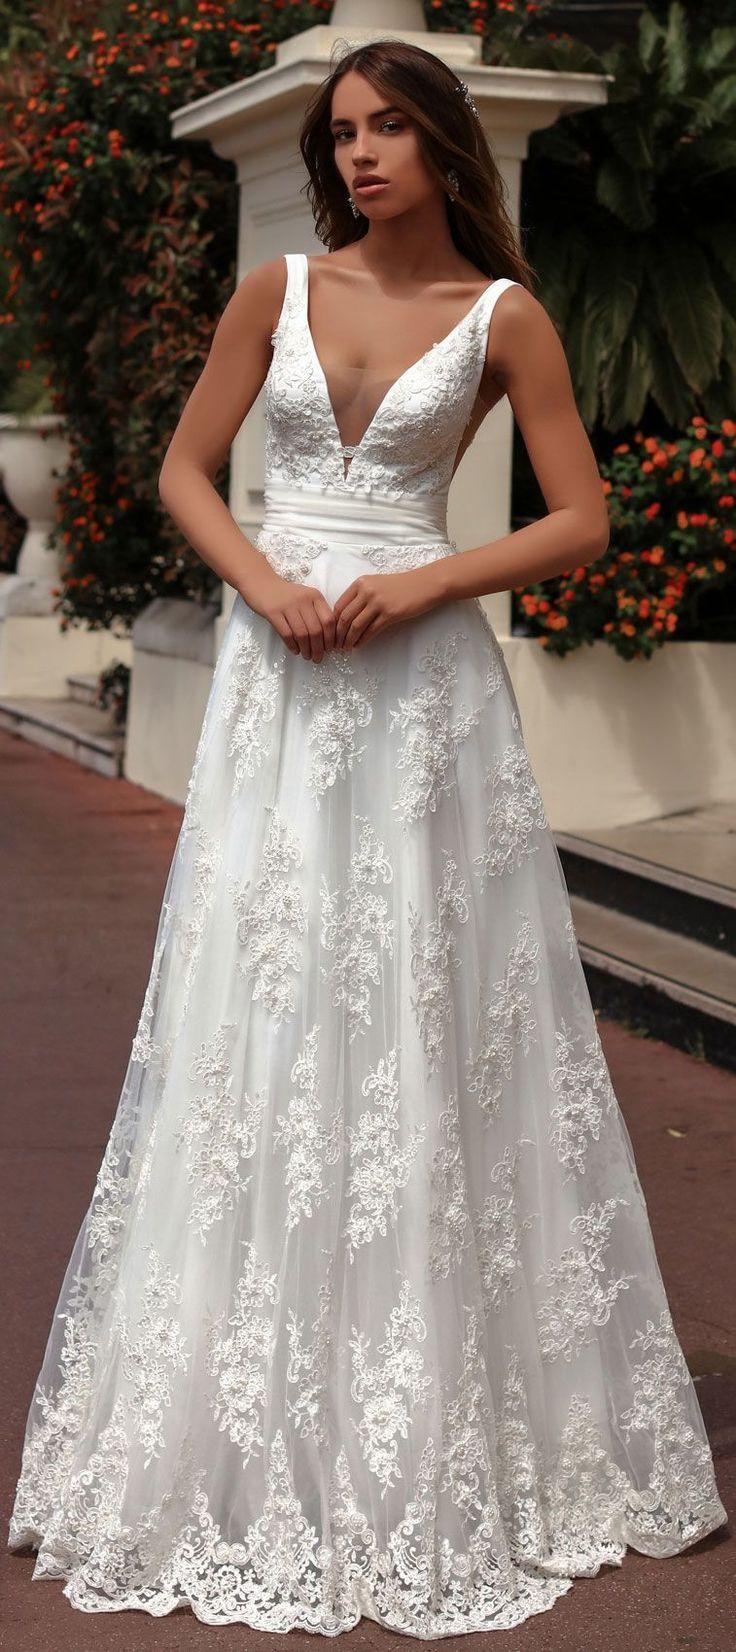 Katherine Joyce 2018 Wedding Dresses Ma Cherie Bridal Collection A Line Wedding Dress Wedding Dresses Gorgeous Wedding Dress